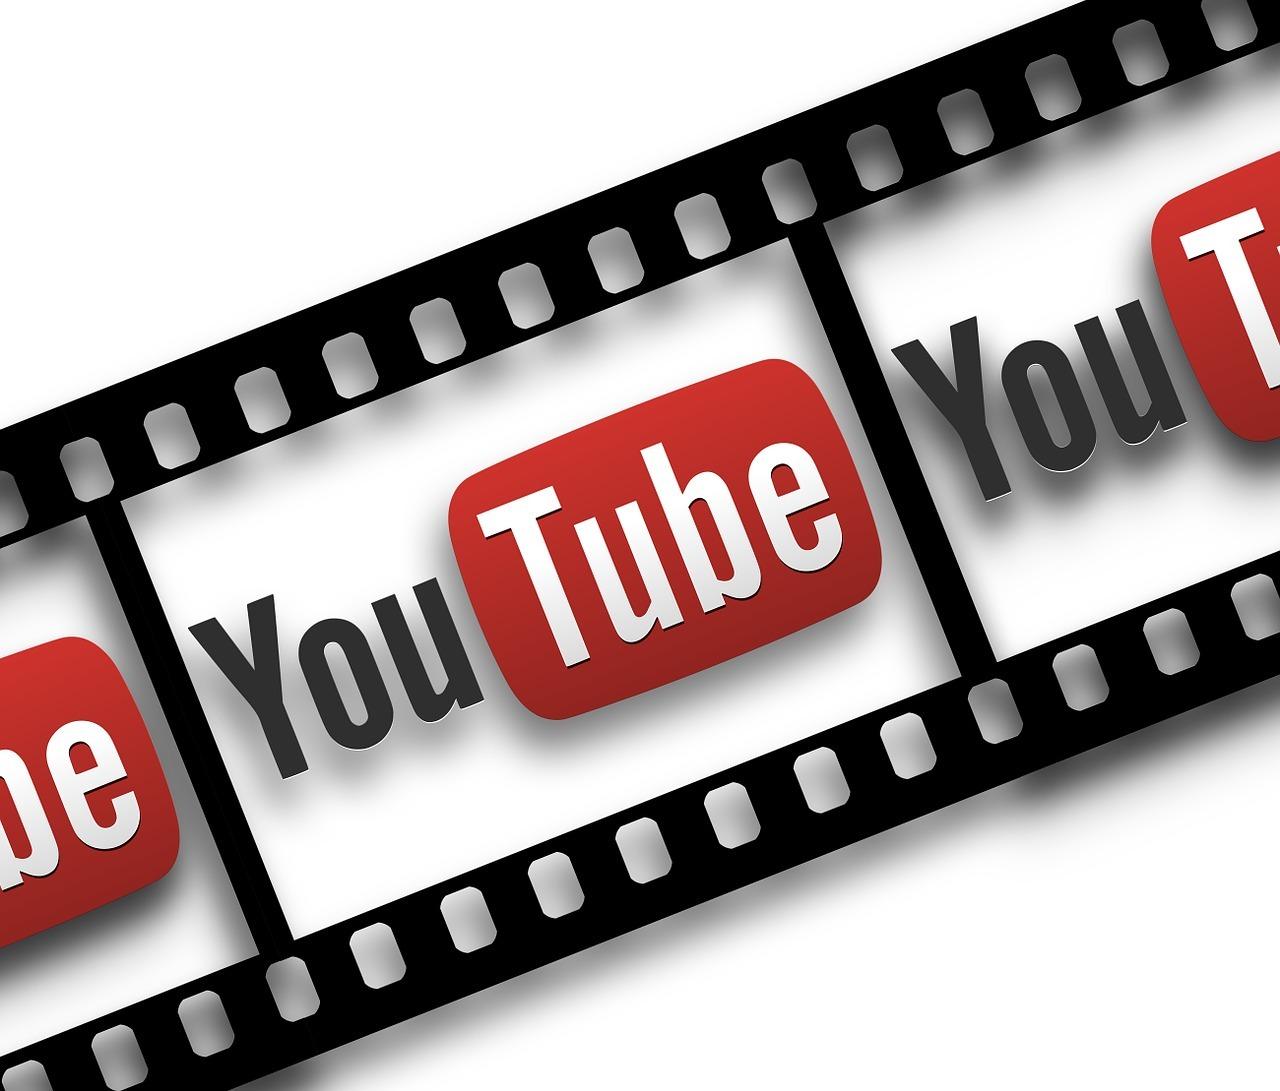 В Госдуме РФ раскритиковали YouTube за размещение рекламы во всех видеороликах